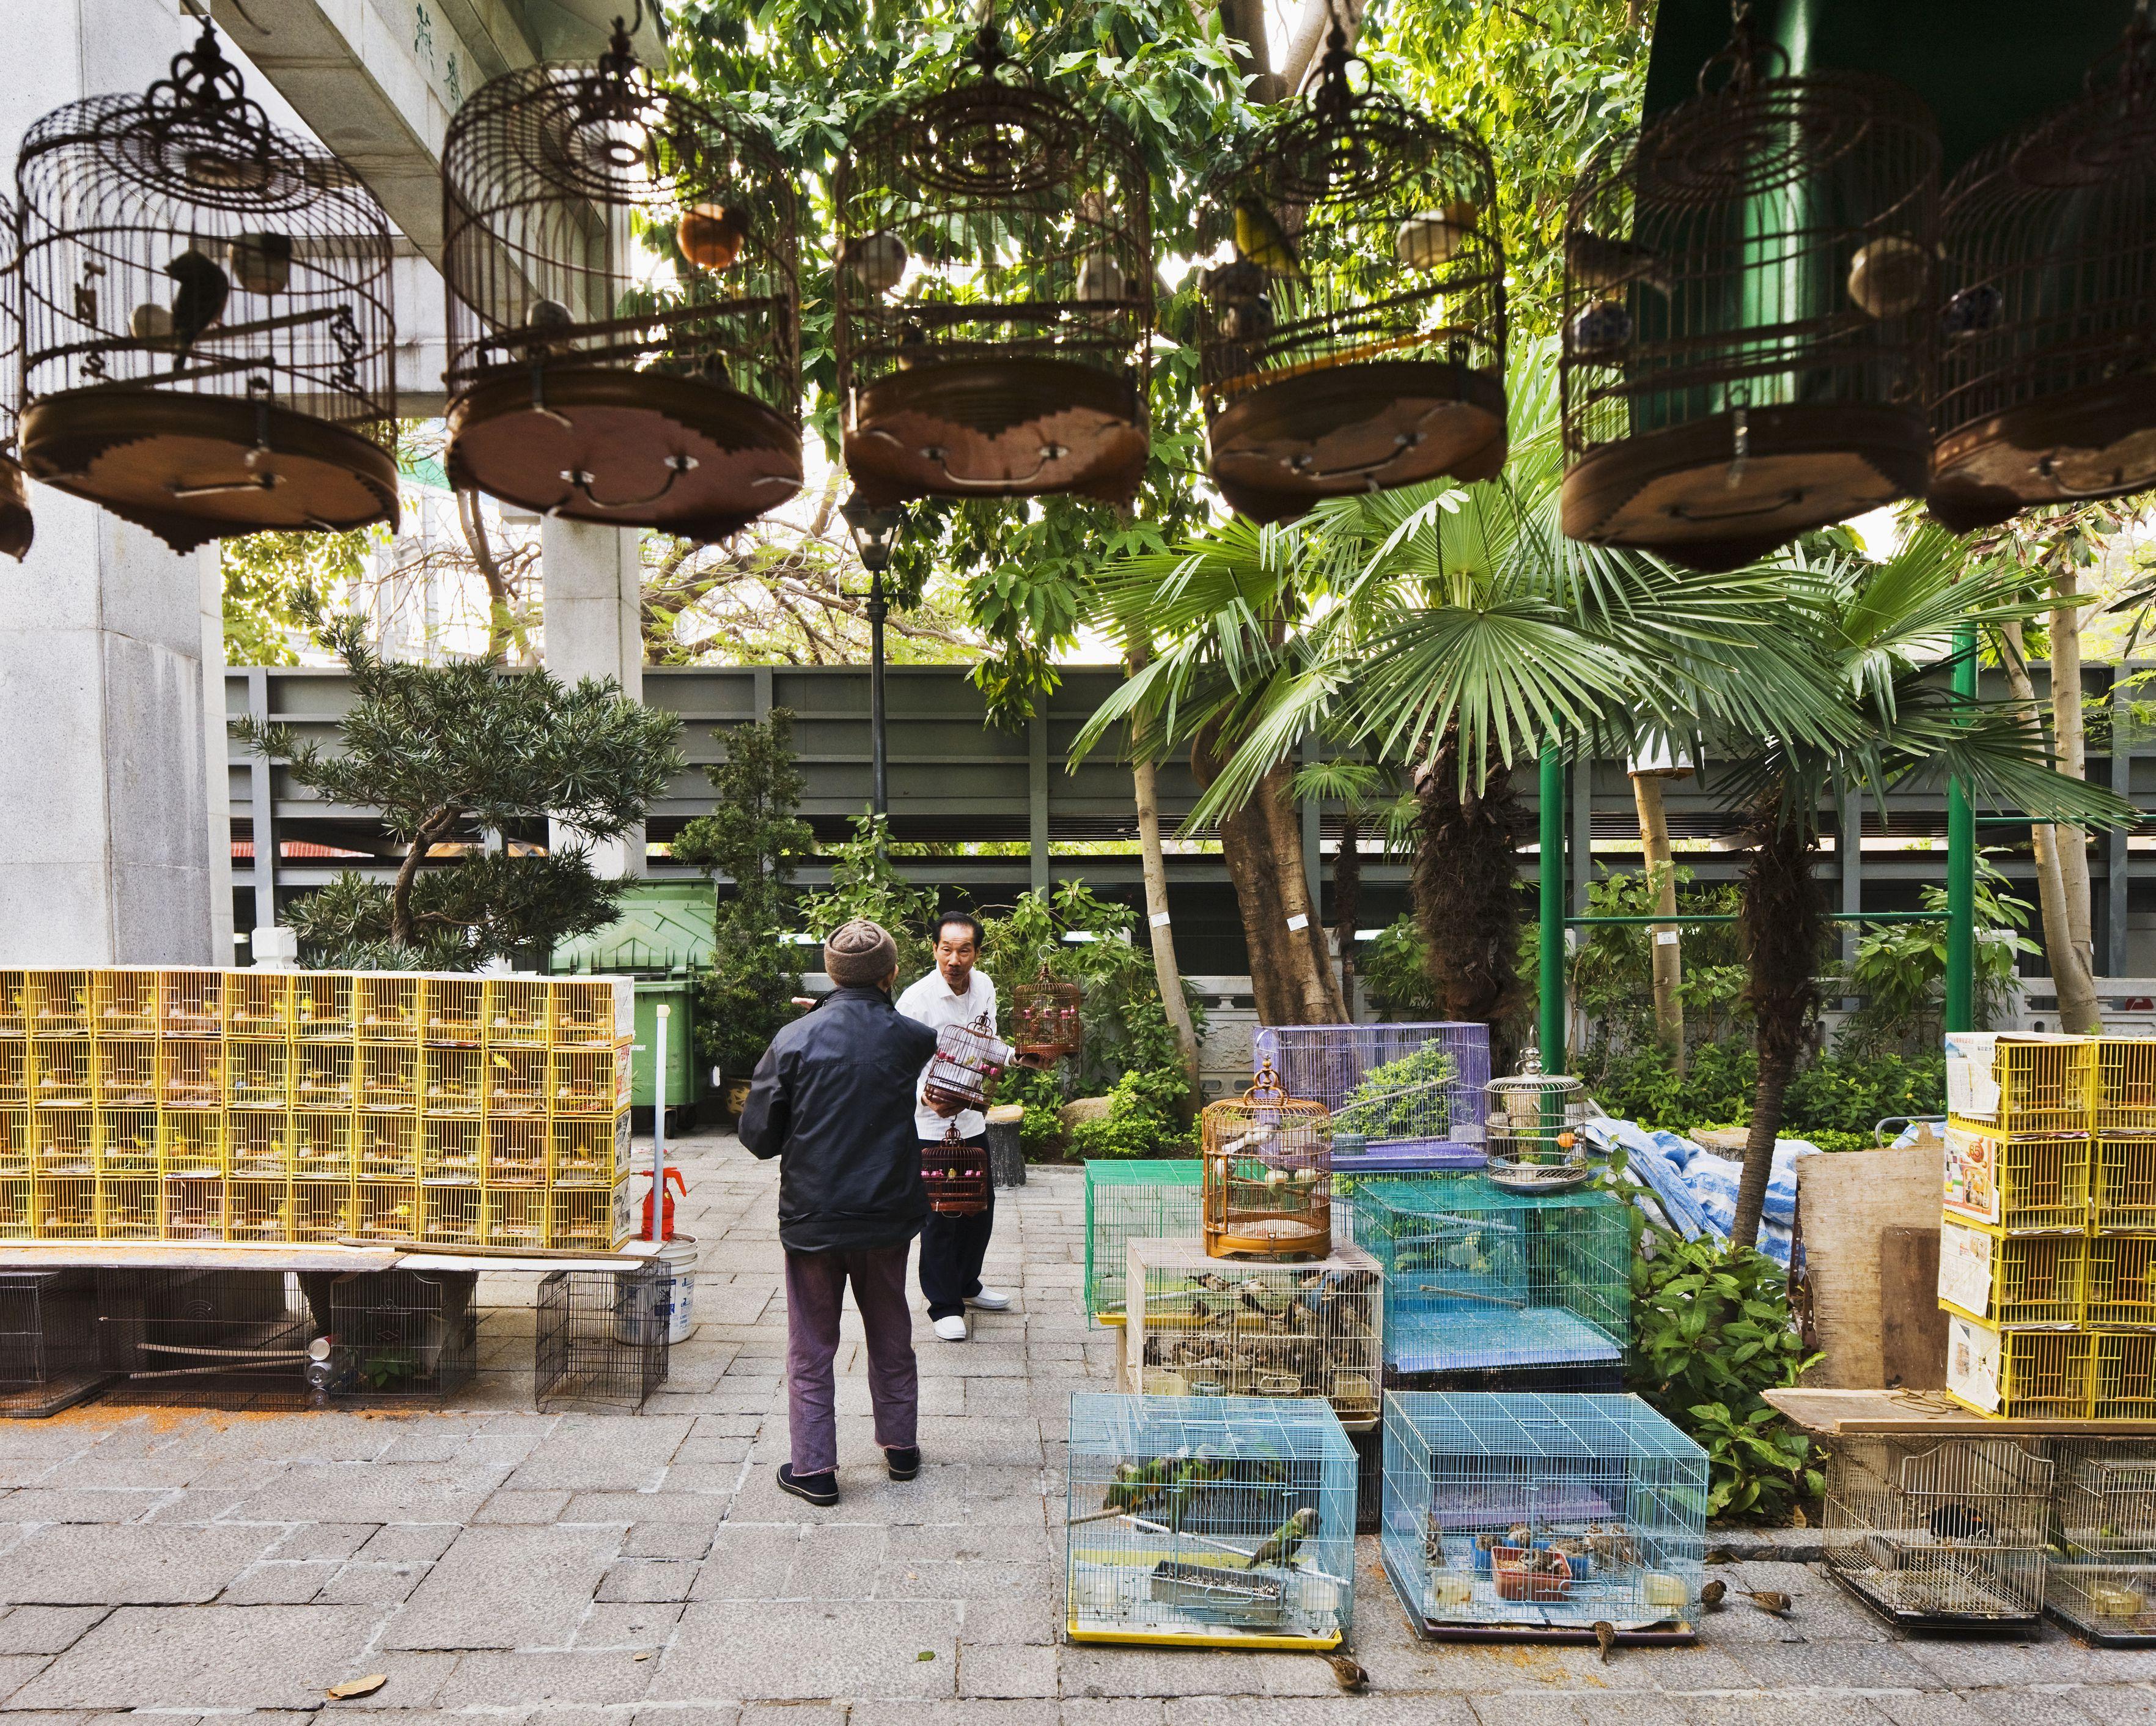 The bird market at Kowloon in Hong Kong